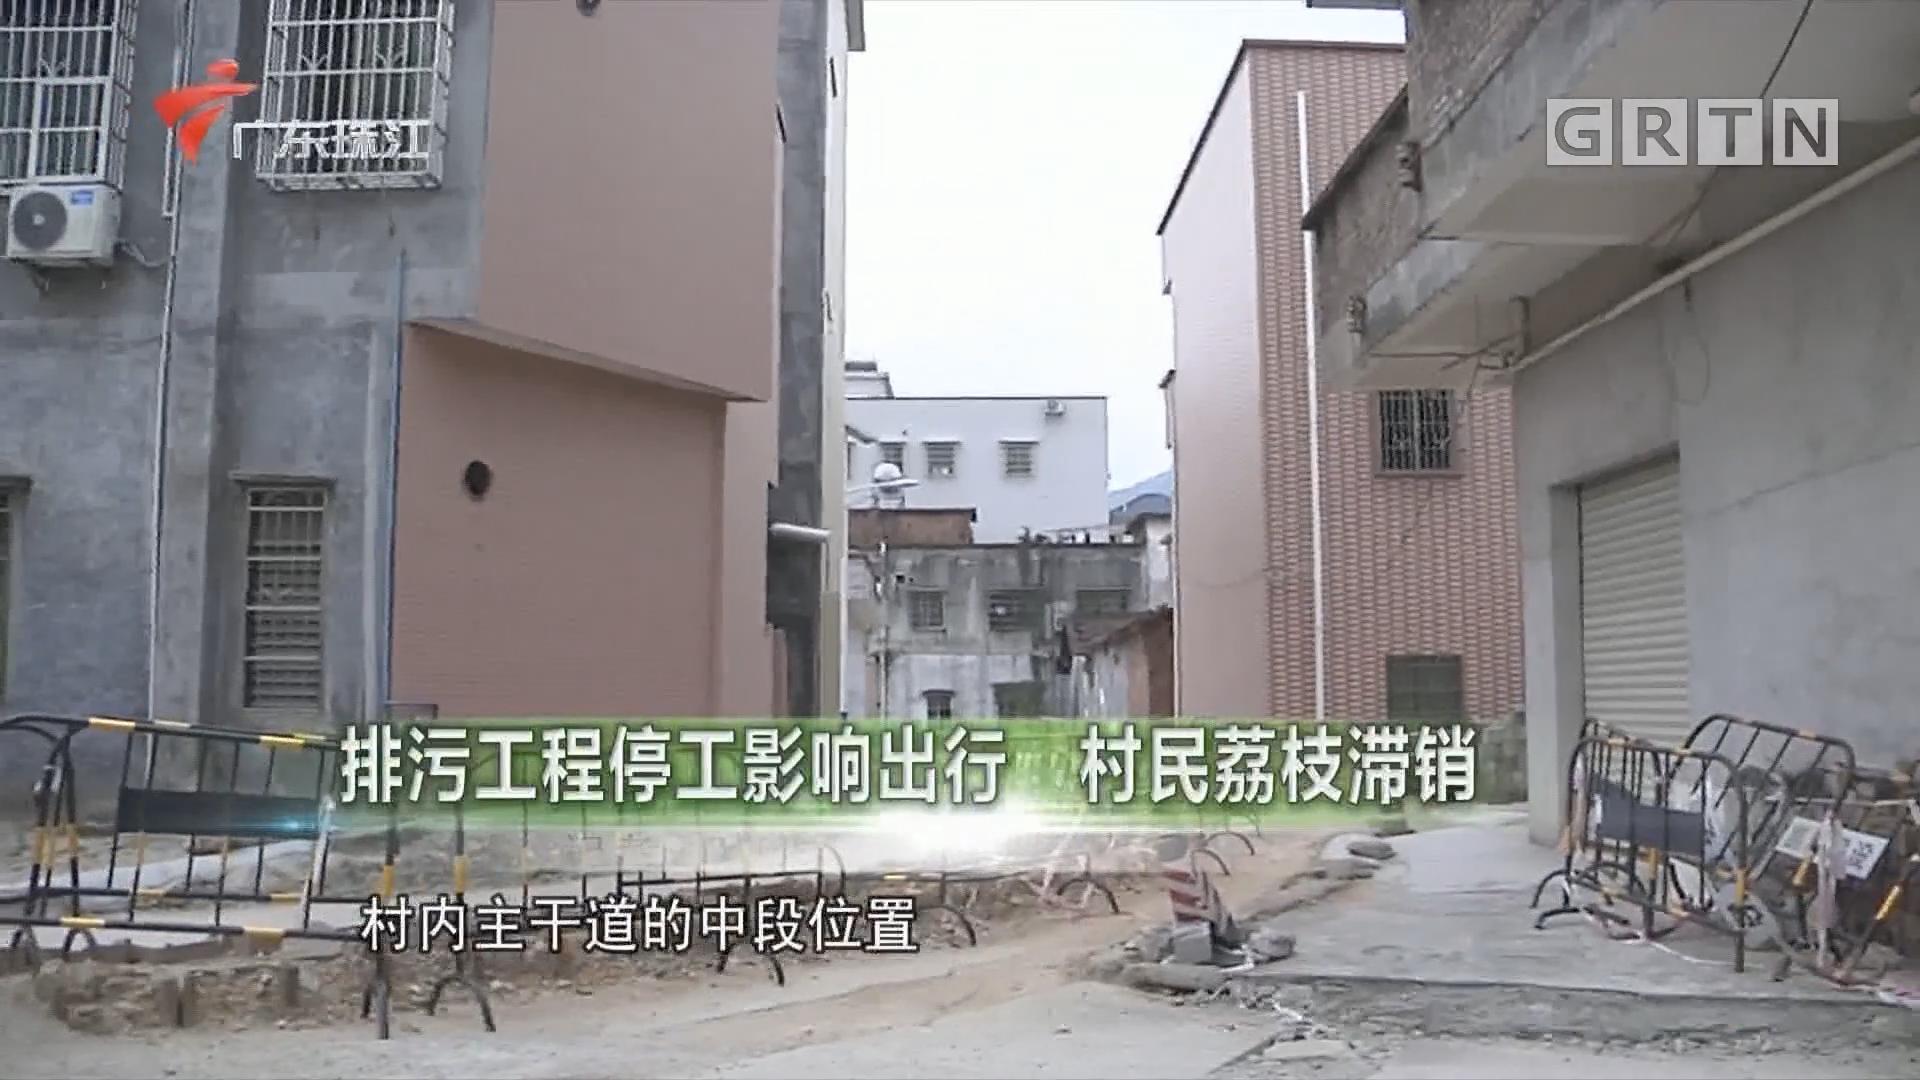 排污工程停工影响出行 村民荔枝滞销